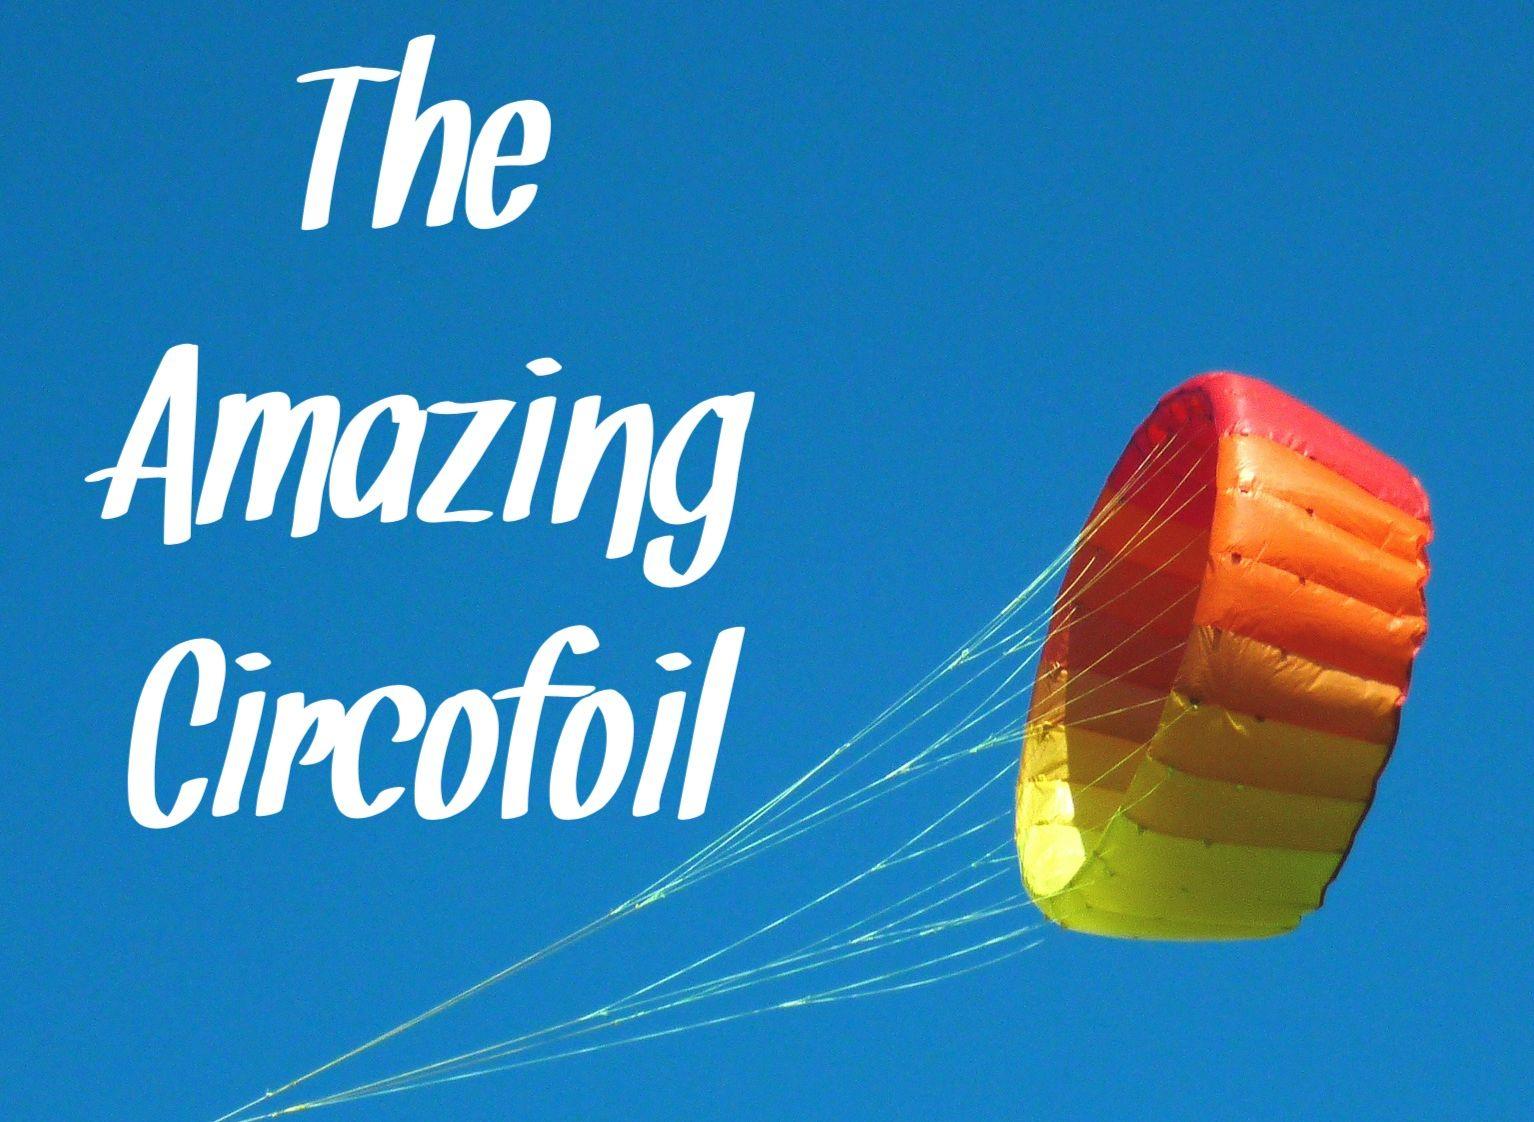 The Amazing Circofoil